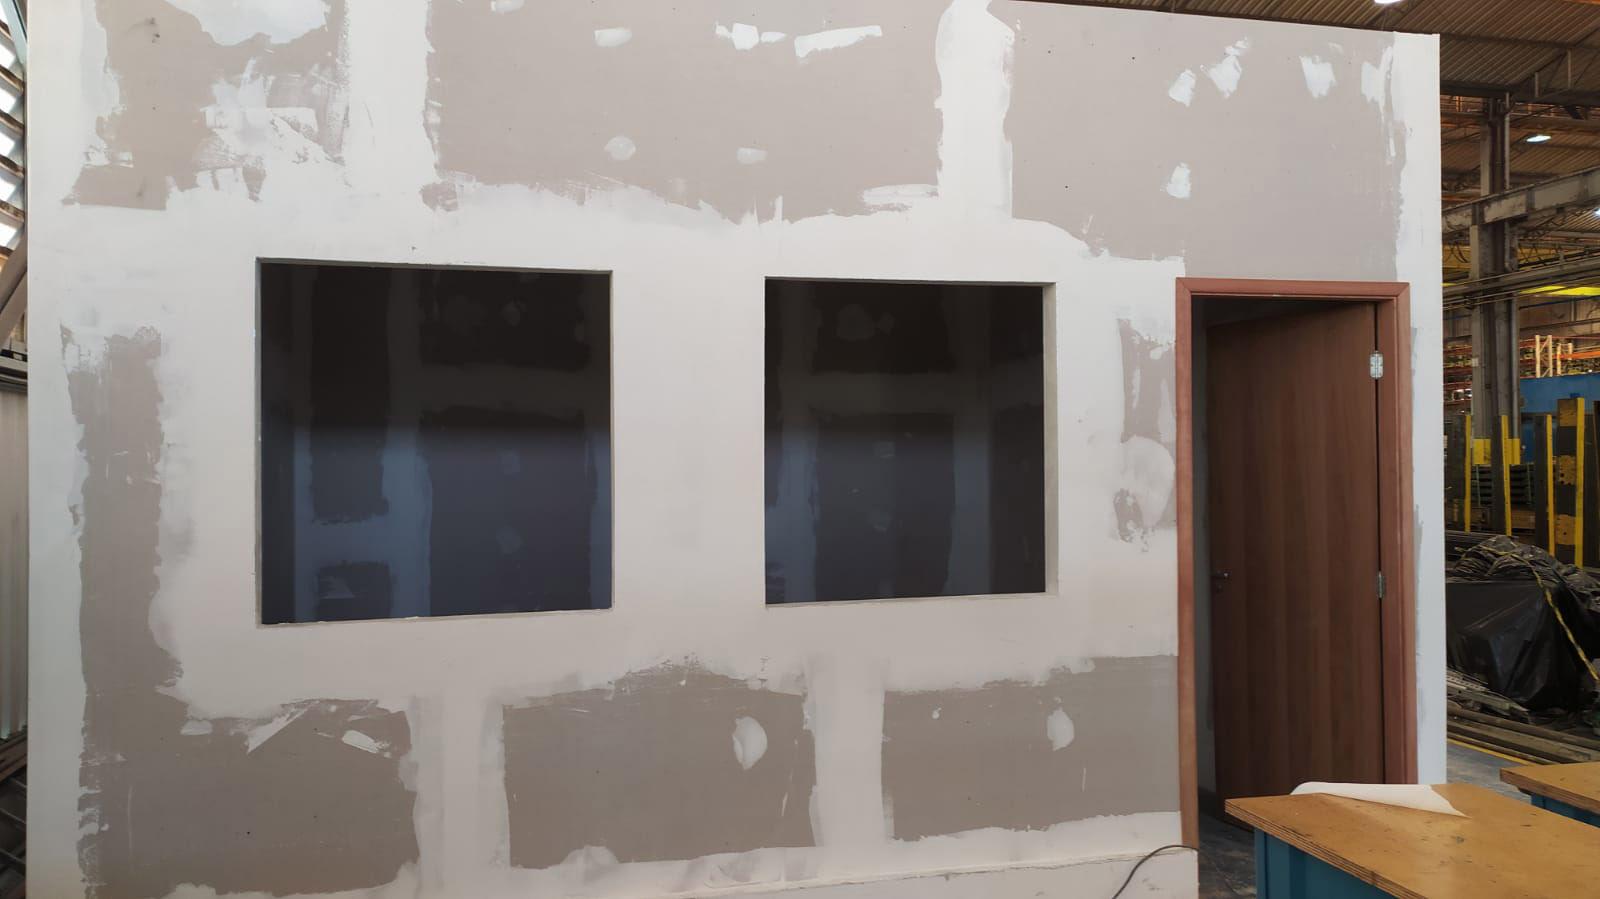 Venda com Instalação de Divisórias Drywall Preço